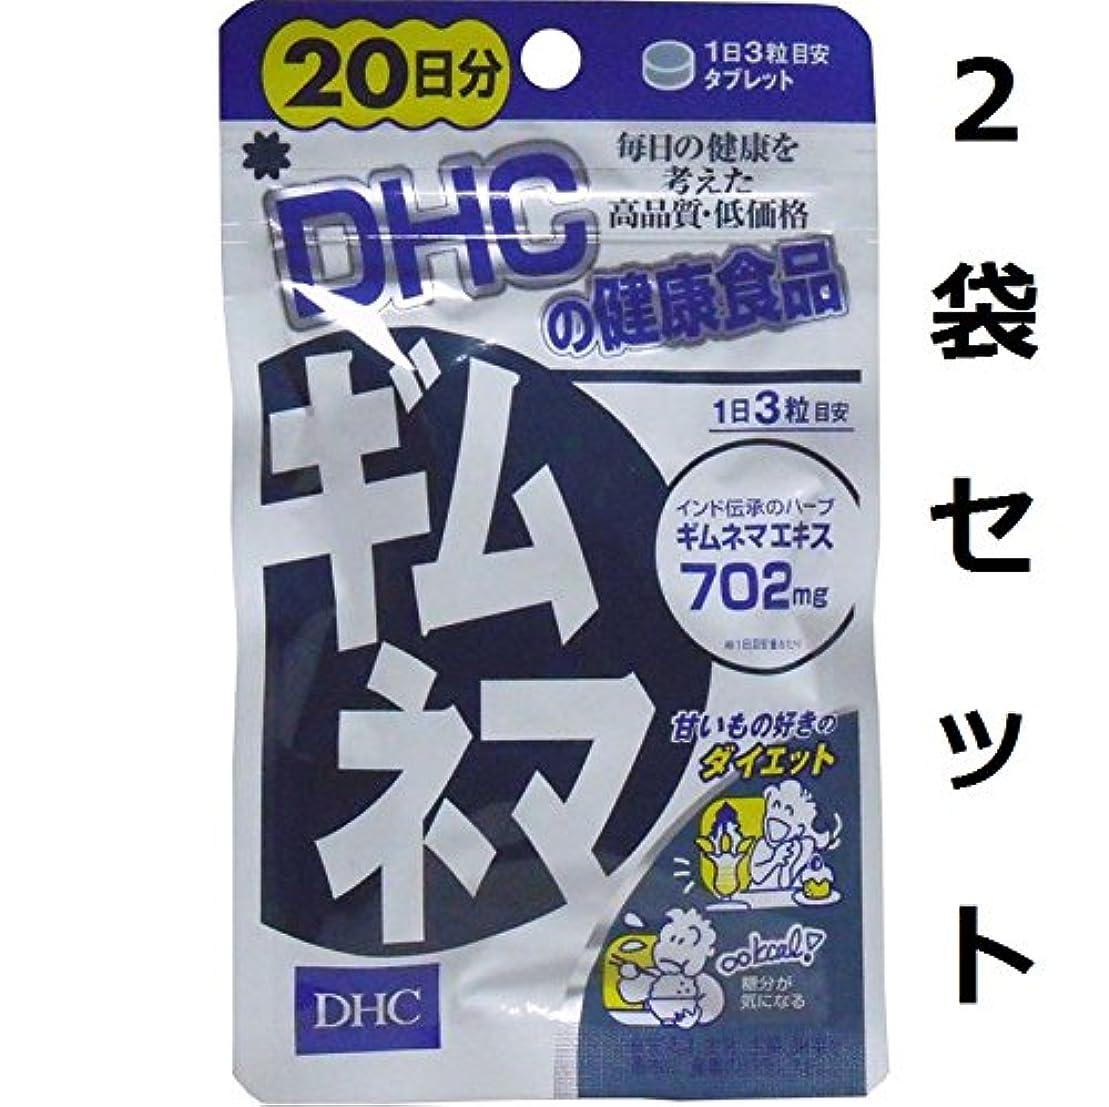 古風なまぶしさなくなる糖分や炭水化物を多く摂る人に DHC ギムネマ 20日分 60粒 2袋セット